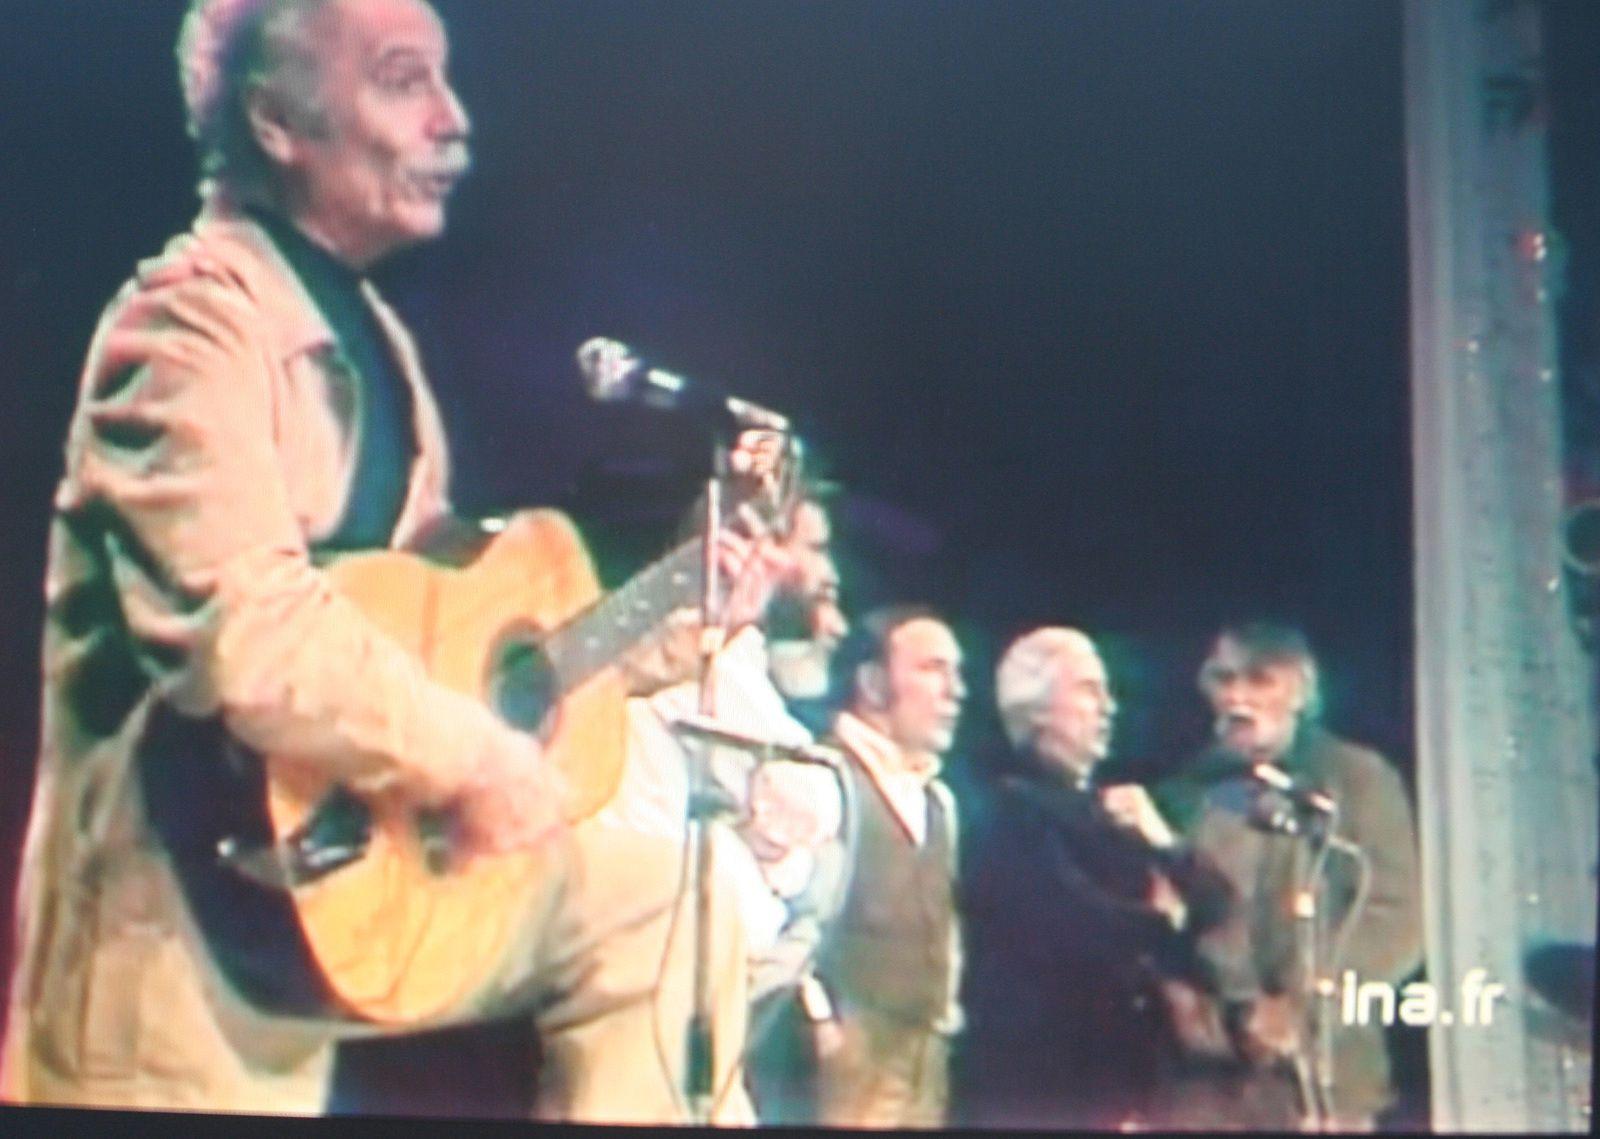 """En décembre 1979, Georges Brassens chante """"Le roi des cons"""" avec un choeur constitué de Maxime Le Forestier, Georges Moustaki, François Béranger, Marcel Amont et François Cavanna (à droite) qui reprend le refrain :. """"Il y a peu de chances qu'on détrône le roi des cons""""."""